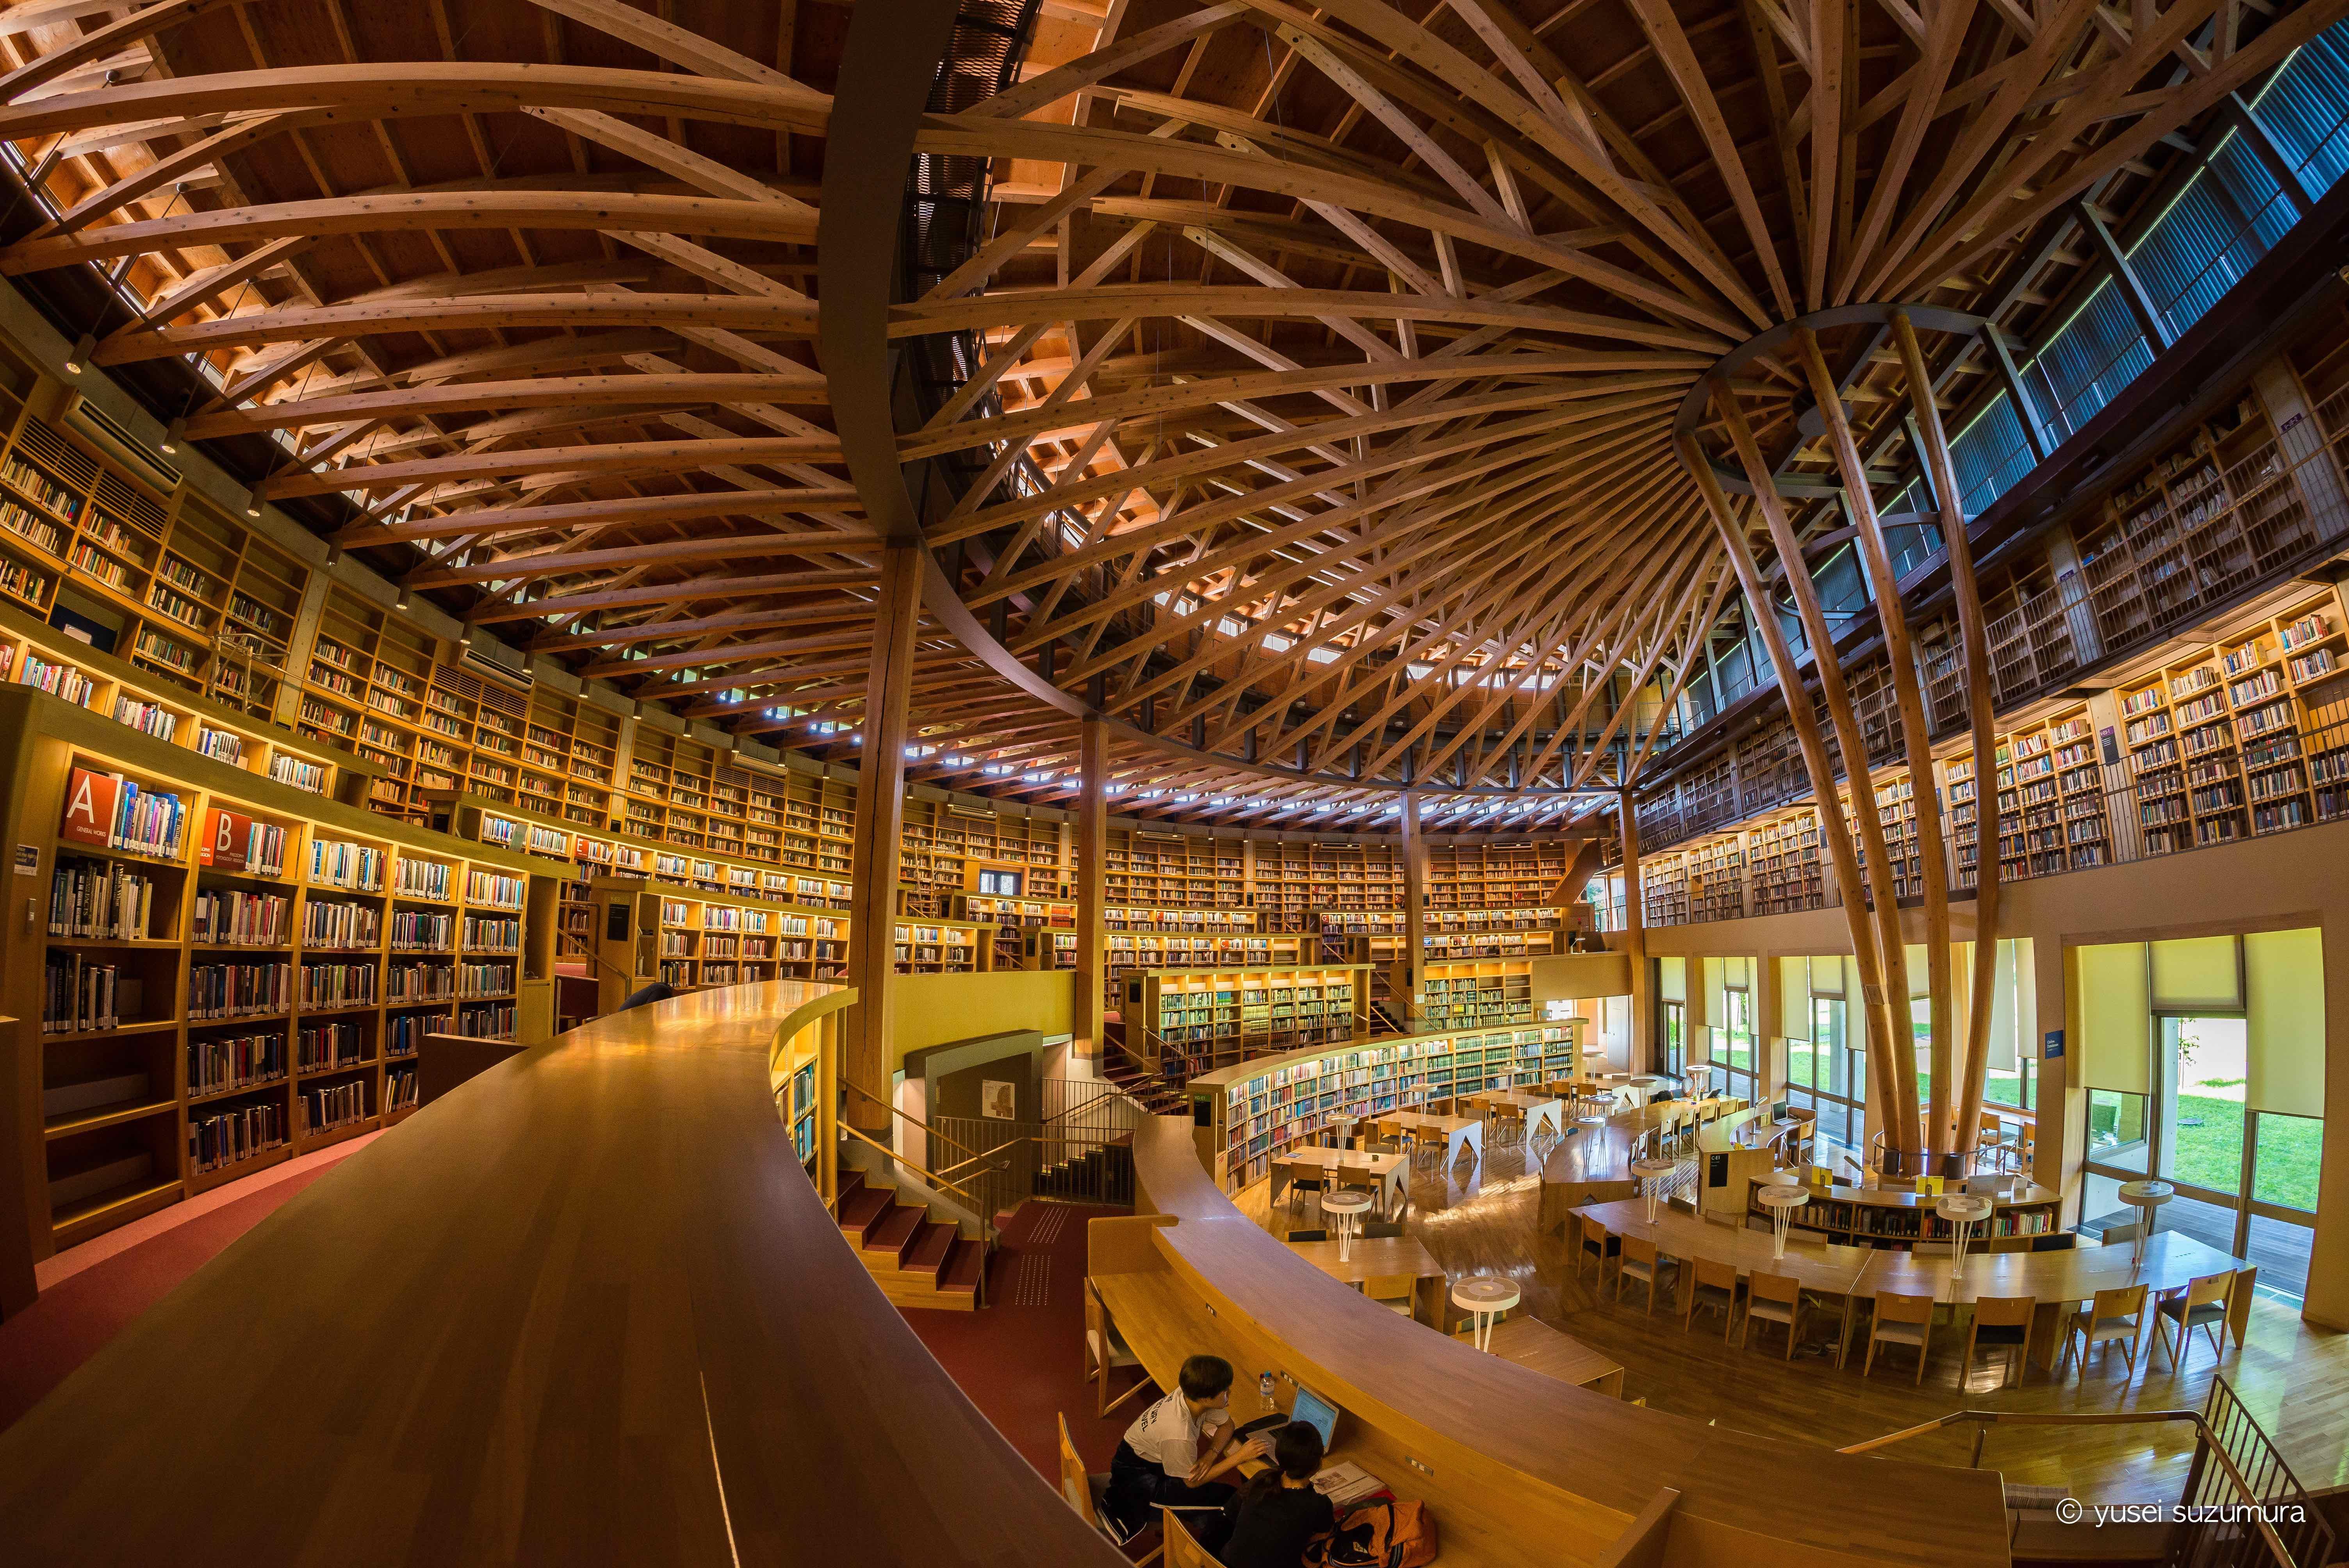 知のアカデミア。秋田県の国際教養大学にある中嶋記念図書館に行ってきた。